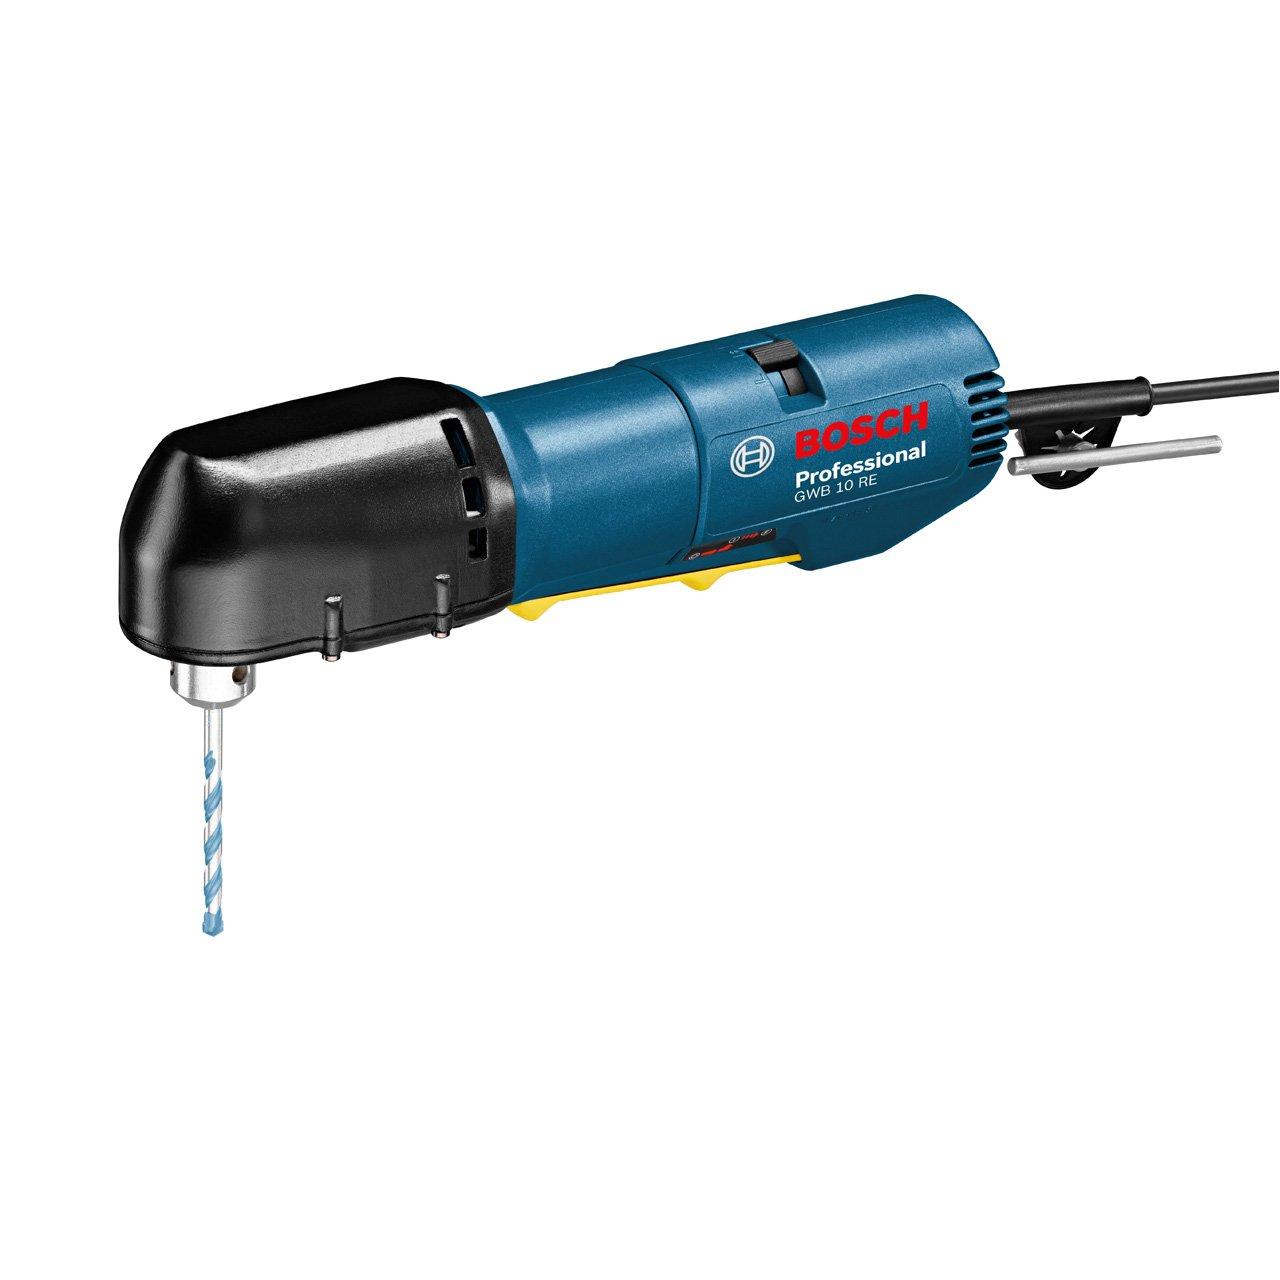 Bosch-Professional-GWB-10-RE-400-W-Nennaufnahmeleistung-22-mm-Bohr–Holz-10-mm-Bohr–Stahl-Zahnkranzbohrfutter-10-mm-eingebaut